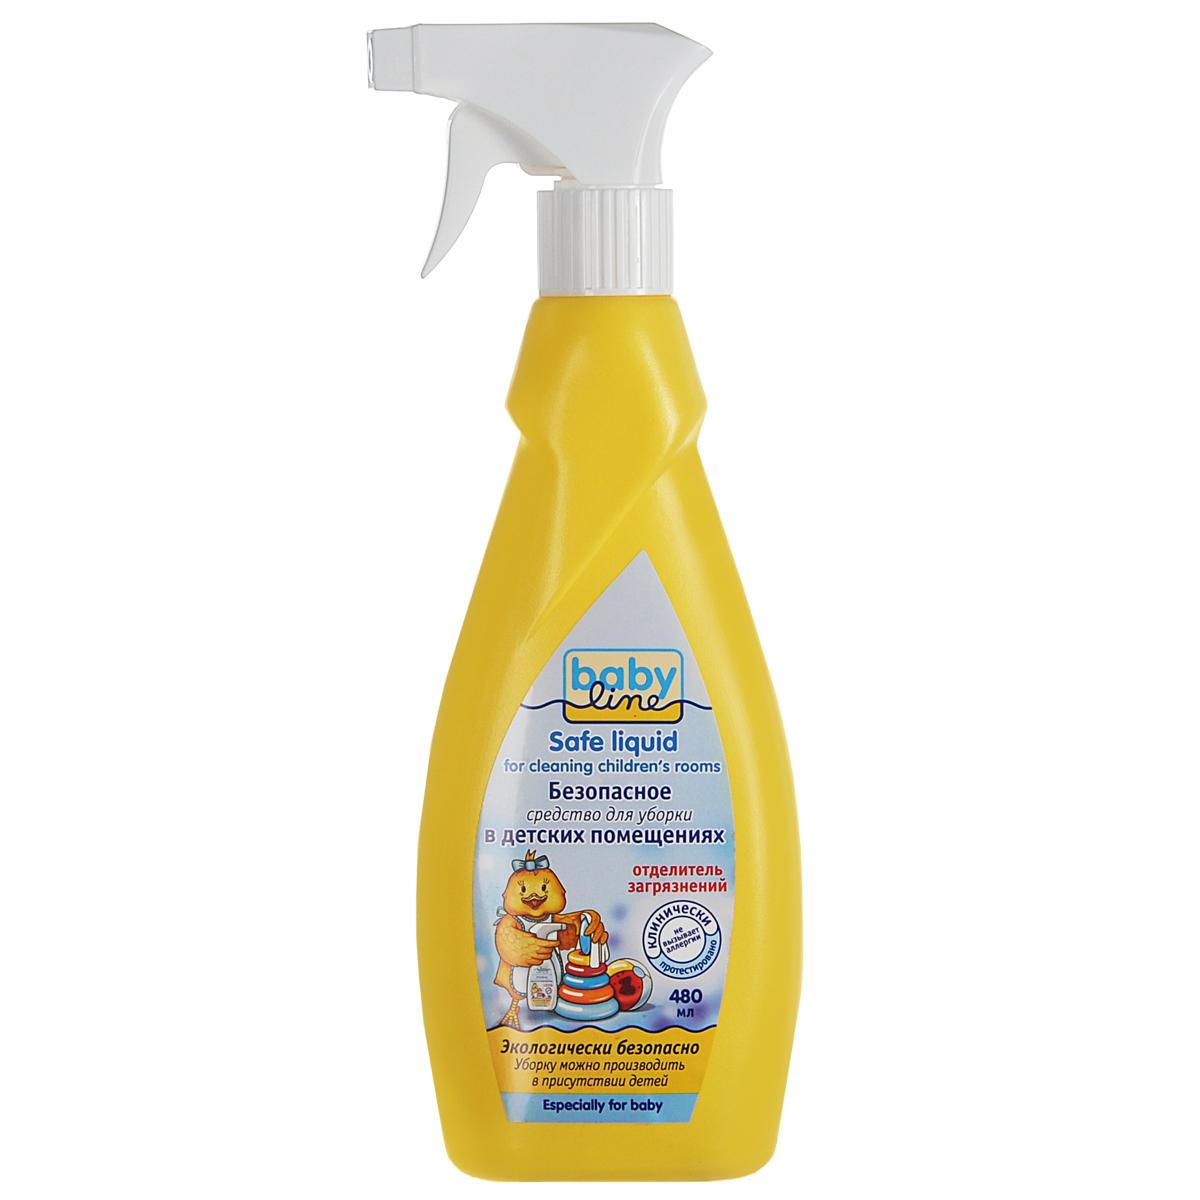 BabyLine Безопасное средство для уборки детских помещений, 480 мл18273255Эффективное чистяще-моющее средство BabyLine предназначено для уборки в помещениях, где находятся дети и, особенно, аллергики. Эффективно удаляет органические загрязнения от молока, фруктовых и овощных пюре, соков, а также мочи, кала, следы от фломастера, карандаша, наклеек, скотча и другую грязь. Подходит для чистки предметов из любых материалов: дерева, кожи, кожзаменителя, тканей, пластика, линолеума и пр. Не имеет цвета и запаха. Не раздражает кожные покровы и дыхательные пути. Не содержит спирта, хлора, диоксидов. Продукт биоразлагаем, не наносит вреда окружающей среде. Характеристики: Объем: 480 мл. Артикул: 18273255. Изготовитель: Бельгия. Товар сертифицирован.